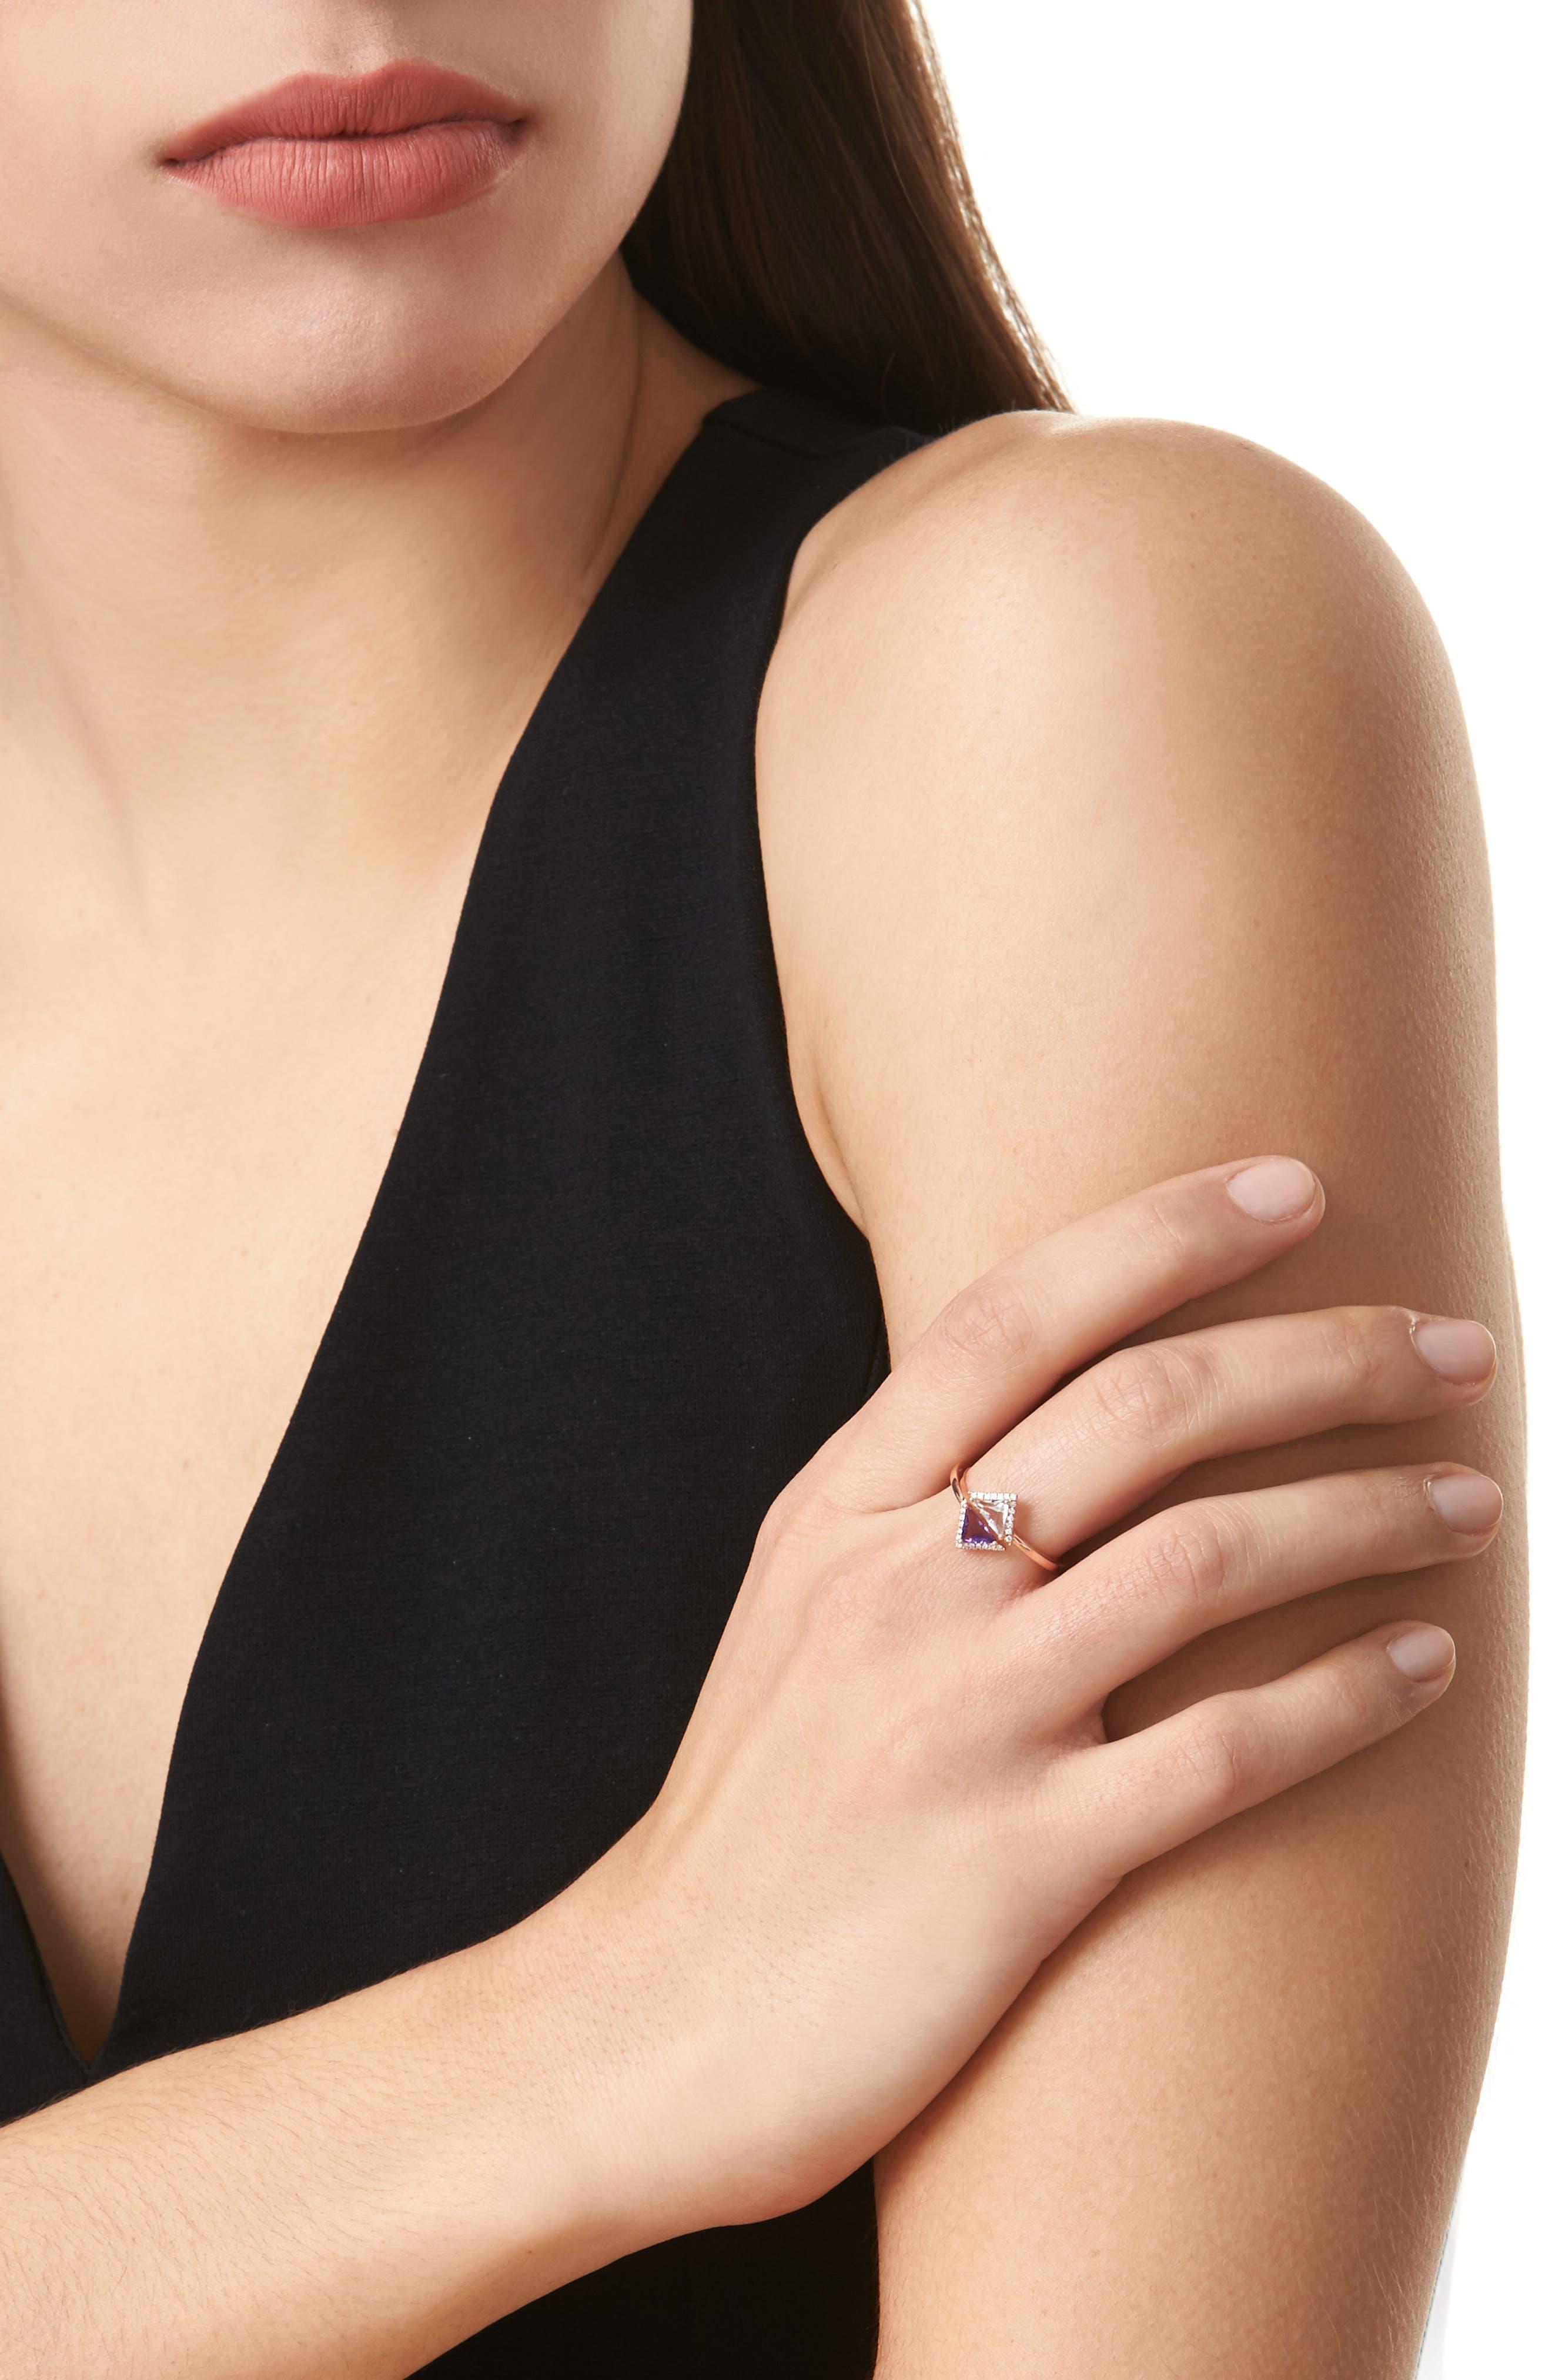 Iris Double Triangle Diamond & Semiprecious Stone Ring,                             Alternate thumbnail 2, color,                             White Topaz/ Amethyst